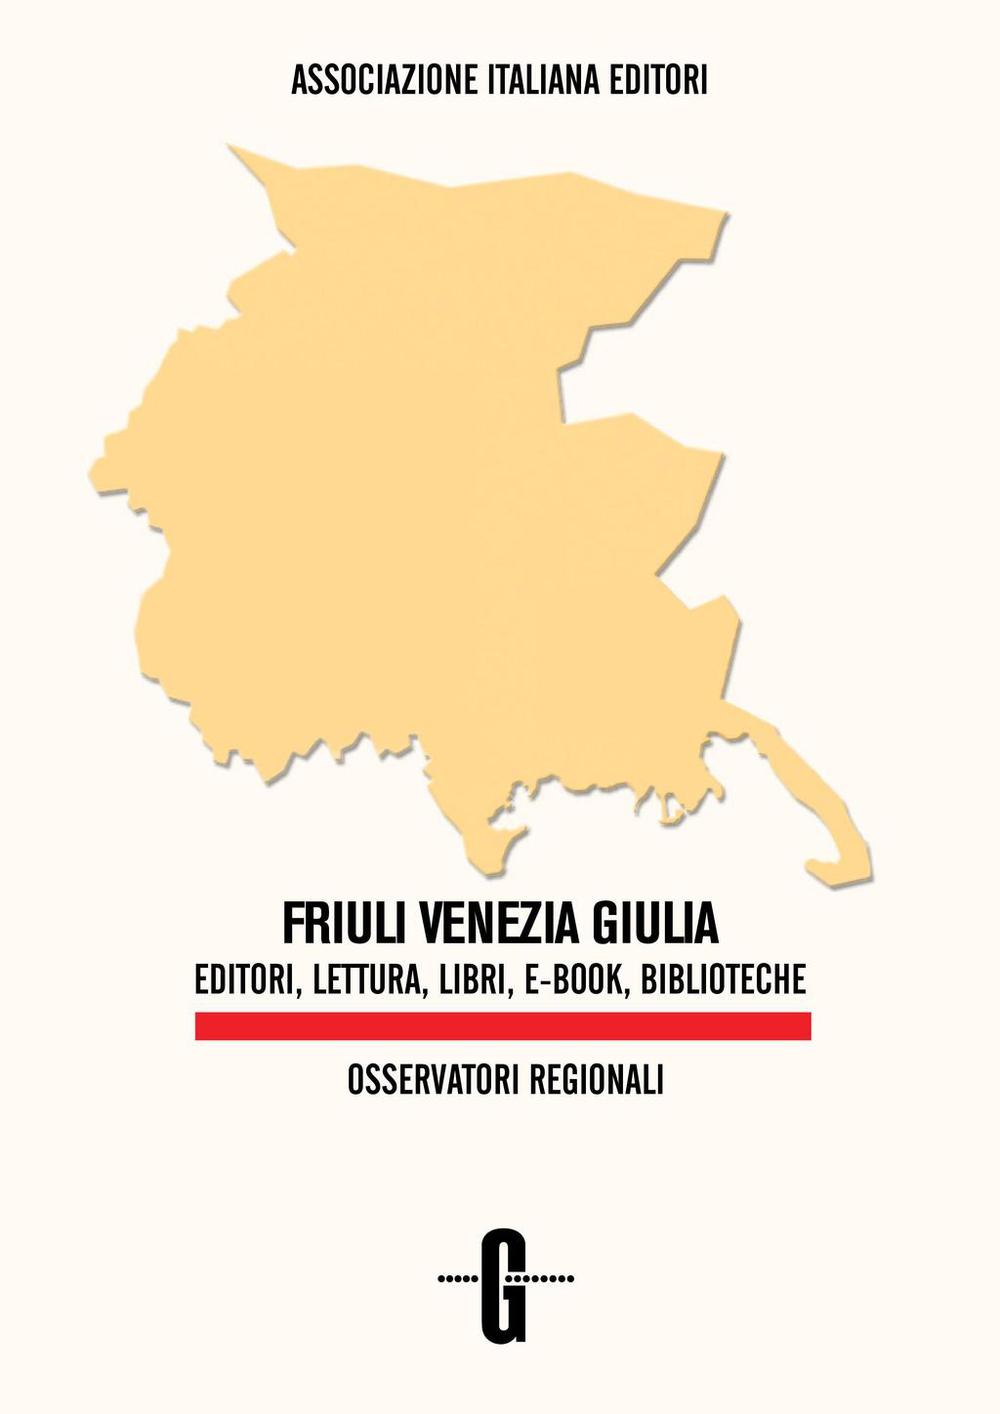 Friuli Venezia Giulia. Editori, lettura, libri, e-book, biblioteche